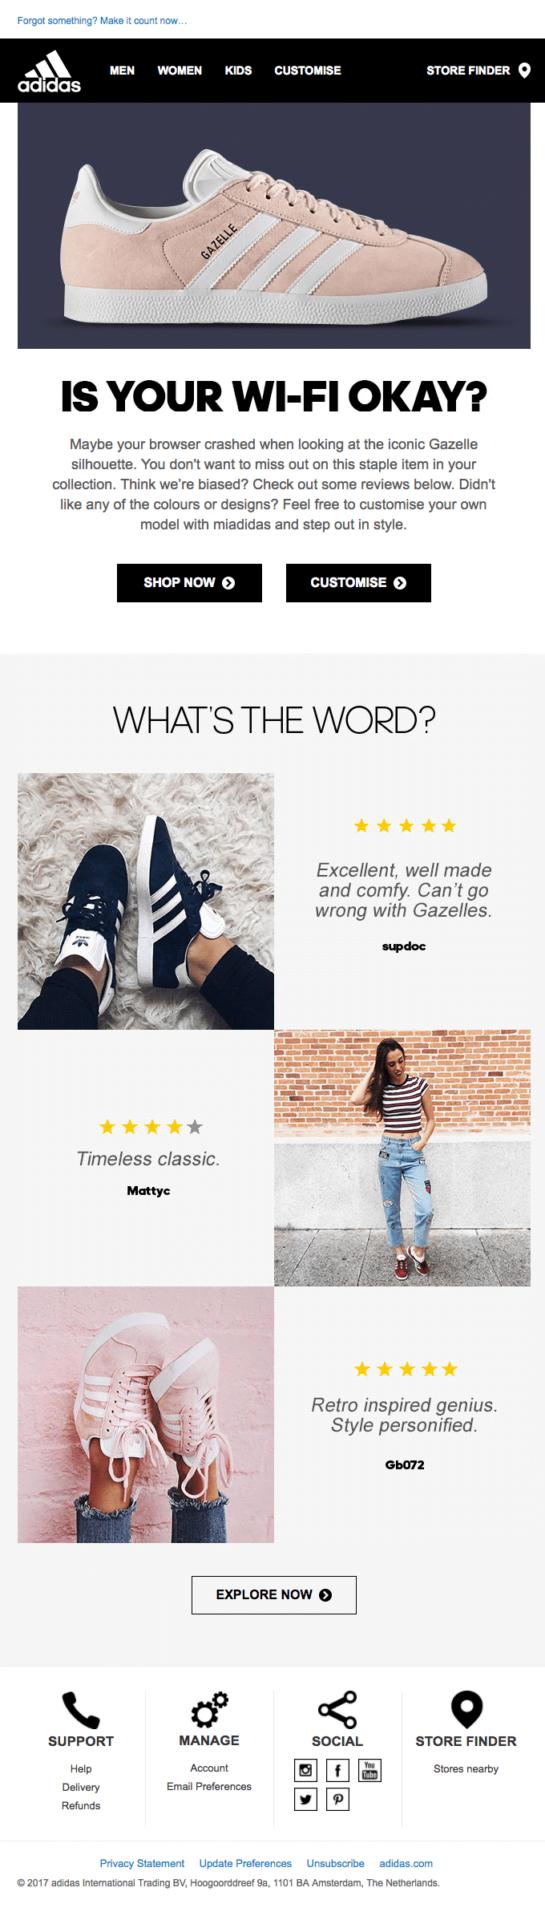 Abandoned cart email marketing example: Adidas